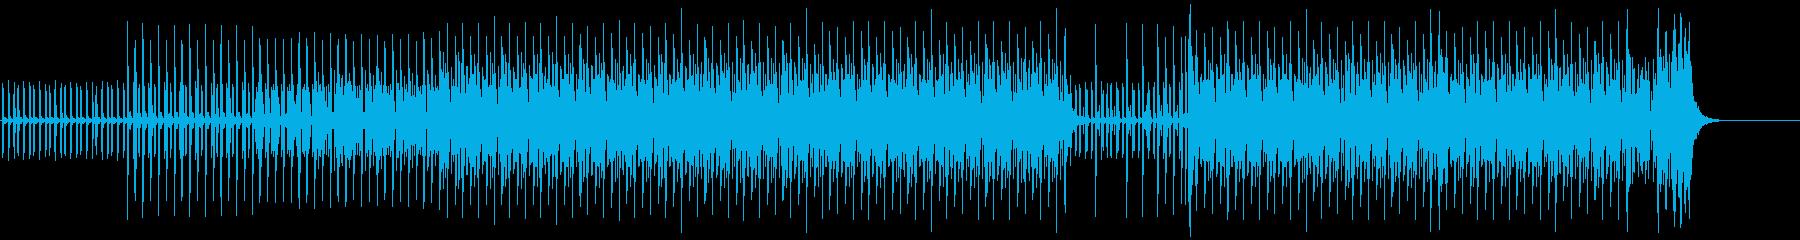 淡々 不思議 科学 未来 機械 報道の再生済みの波形